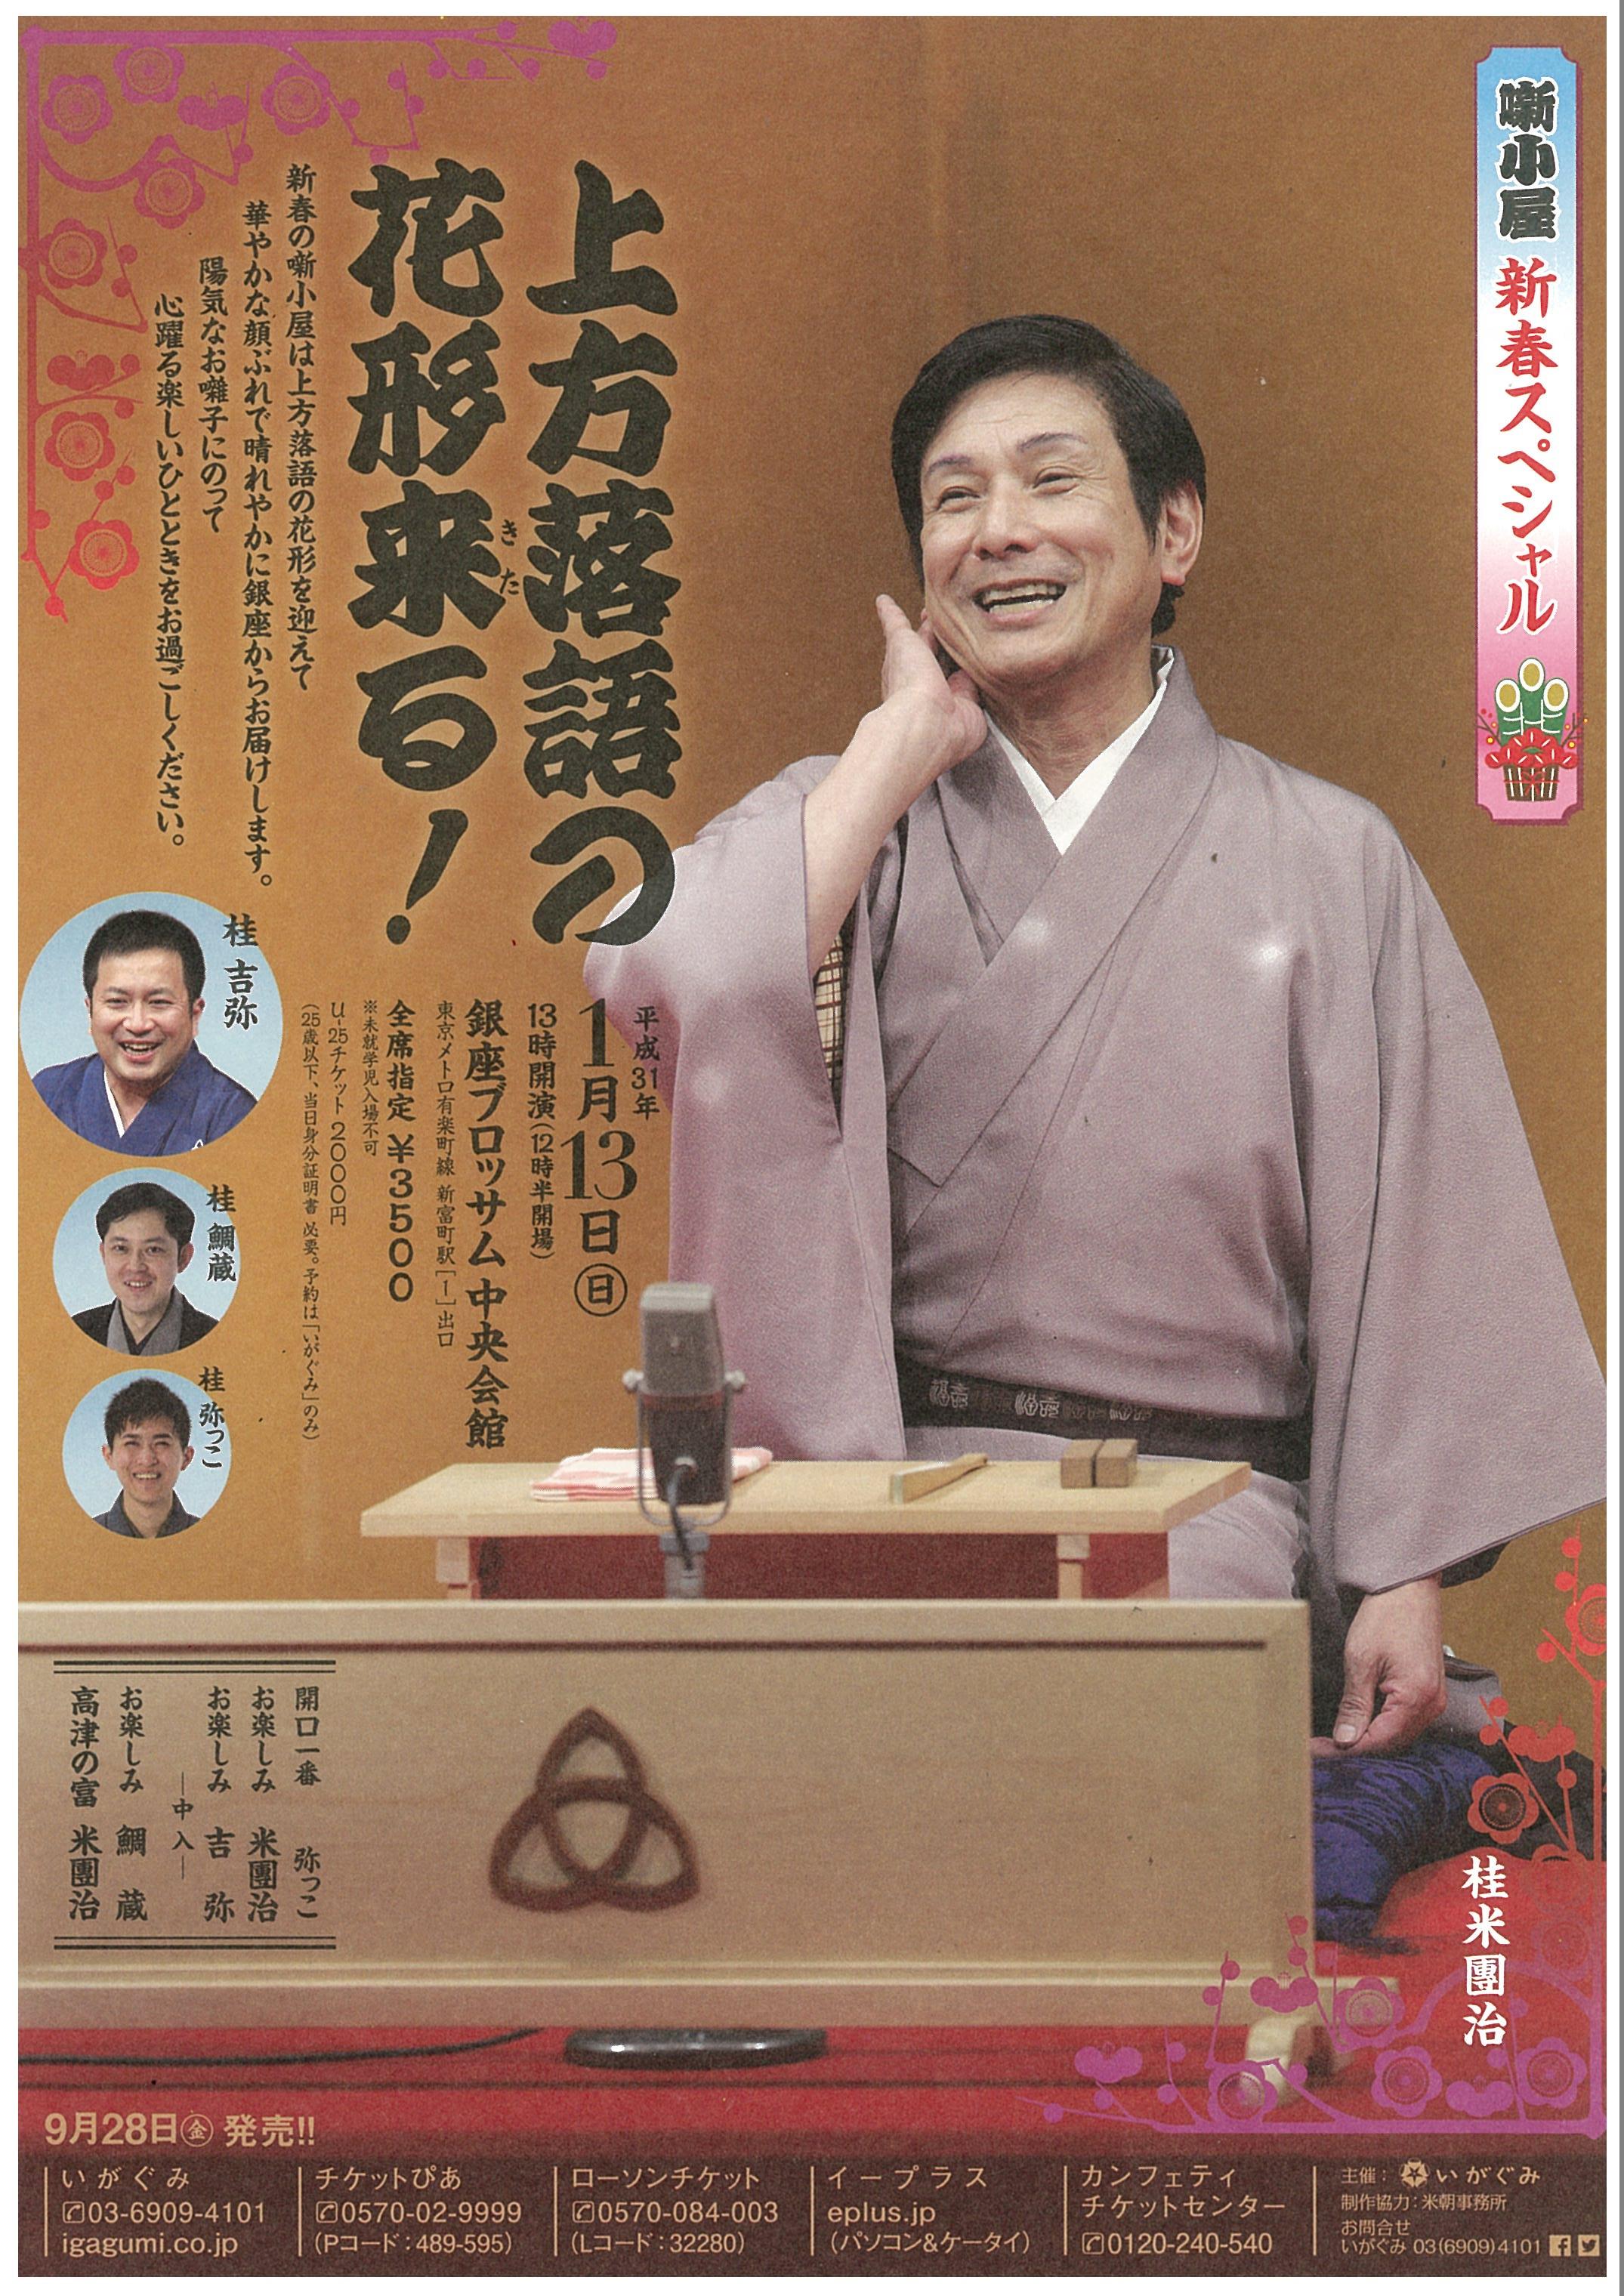 噺小屋新春スペシャル 上方落語の花形来る!